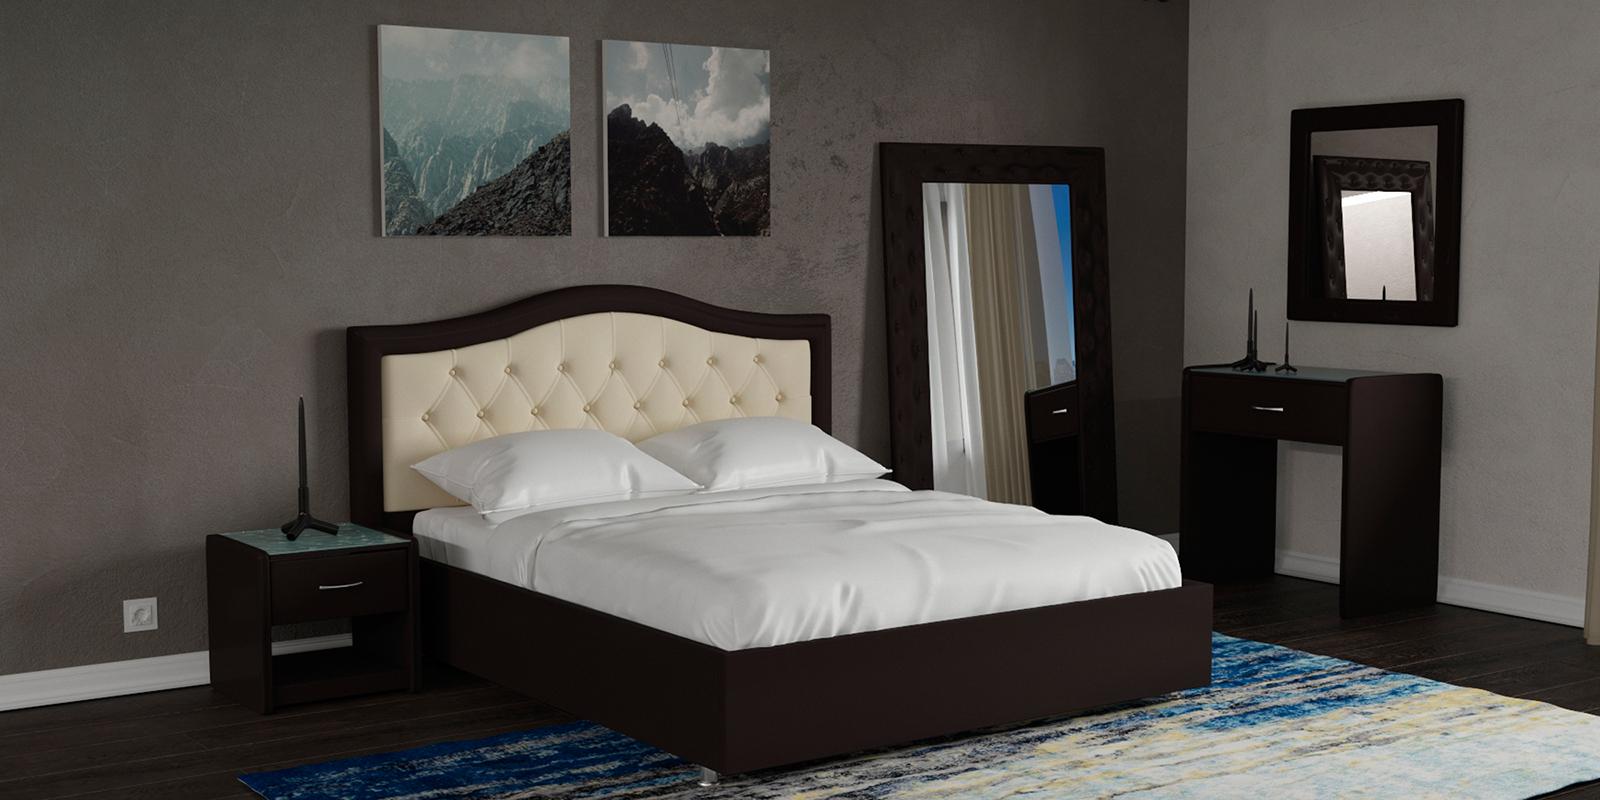 Купить Мягкая кровать 200х160 Малибу вариант №9 с ортопедическим основанием (Бежевый/Шоколад), HomeMe